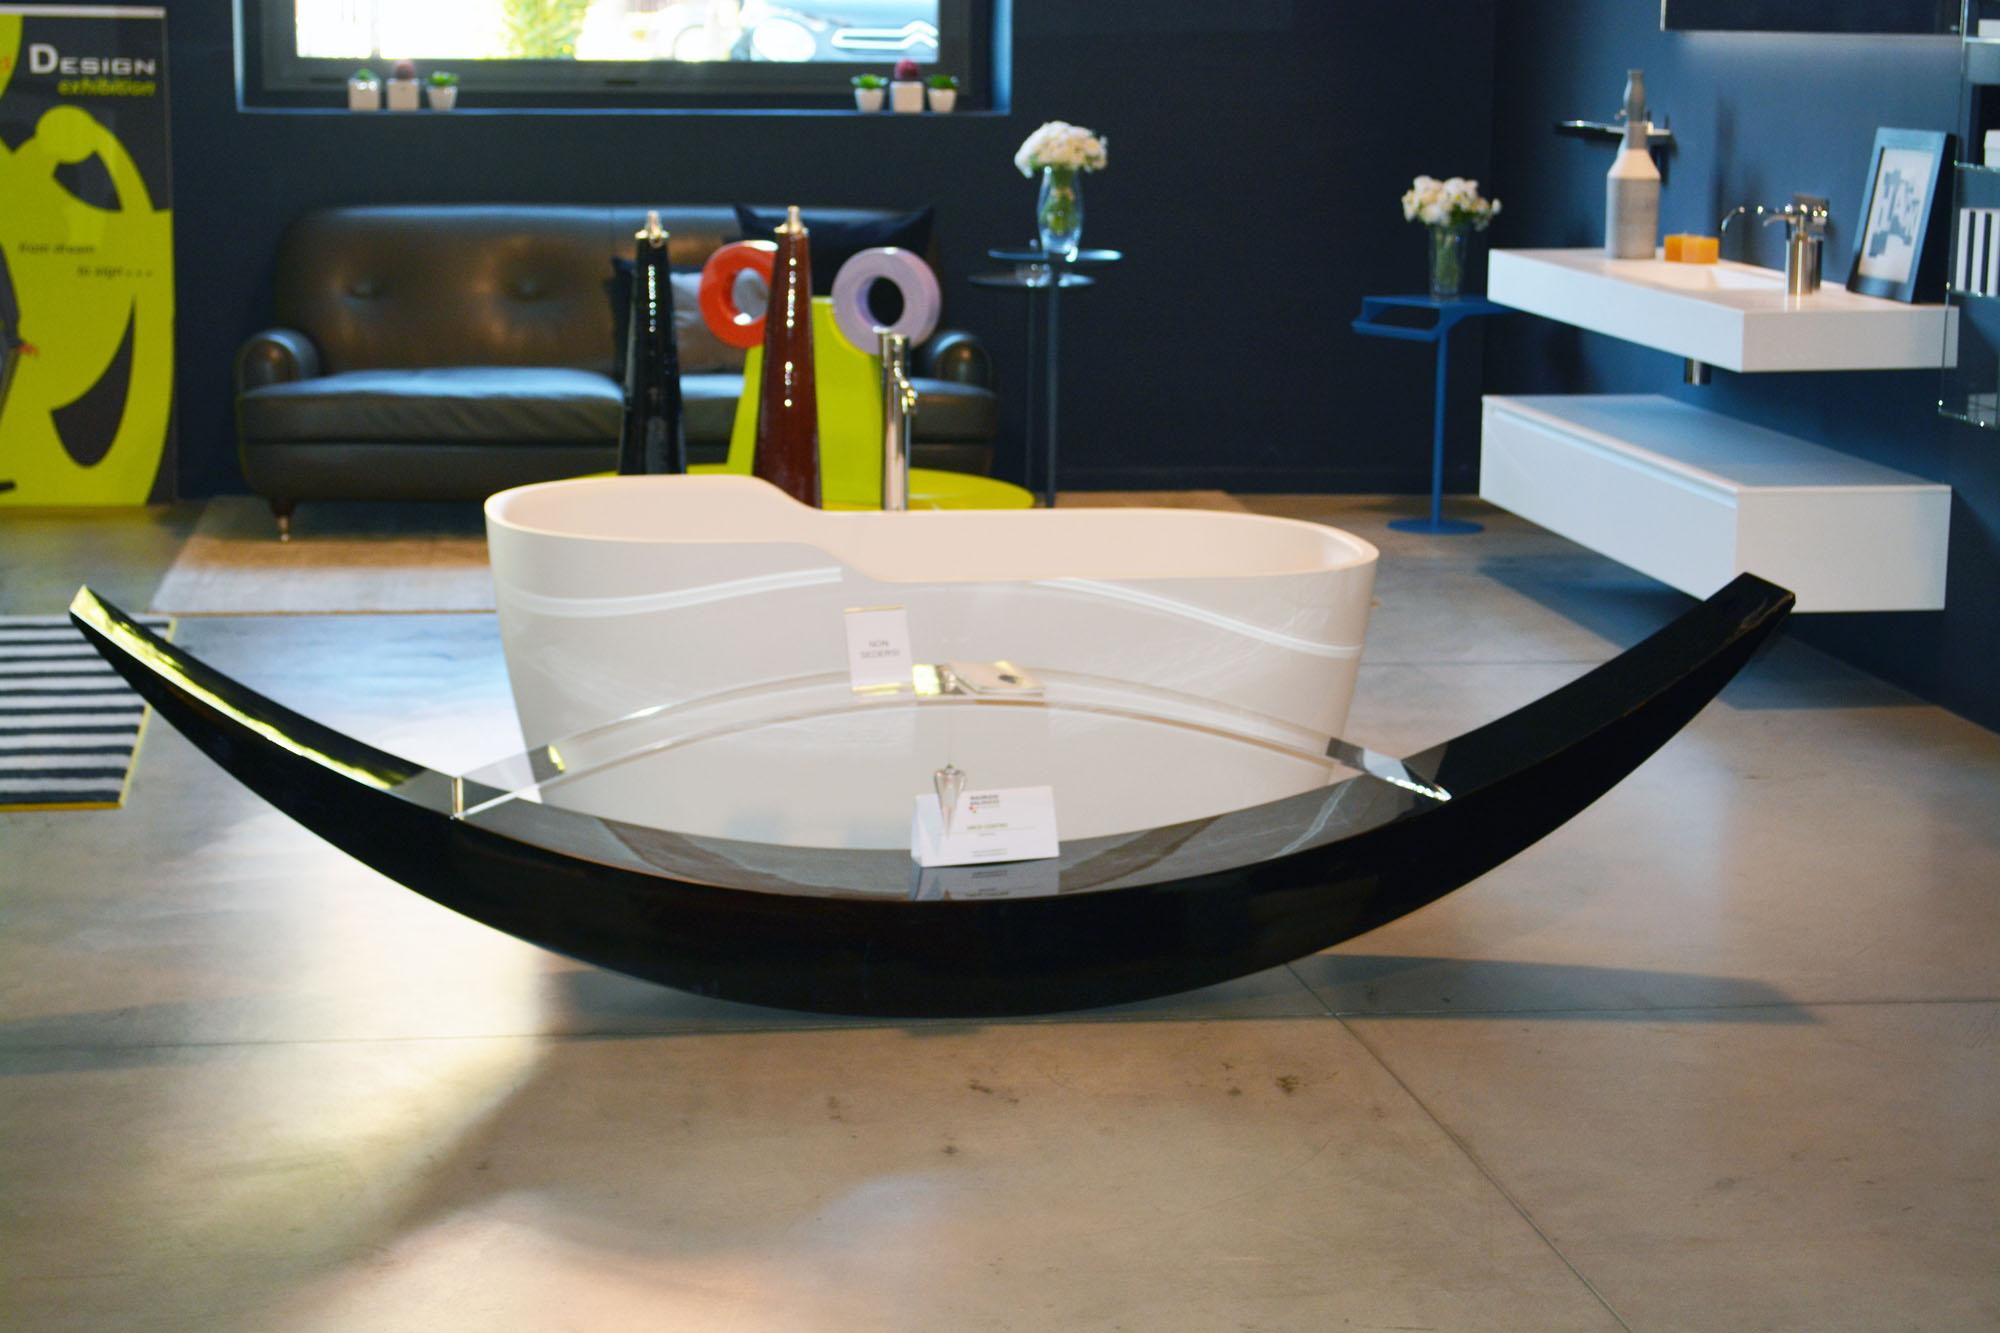 maurizio-balducci-artista-contemporaneo-design-13